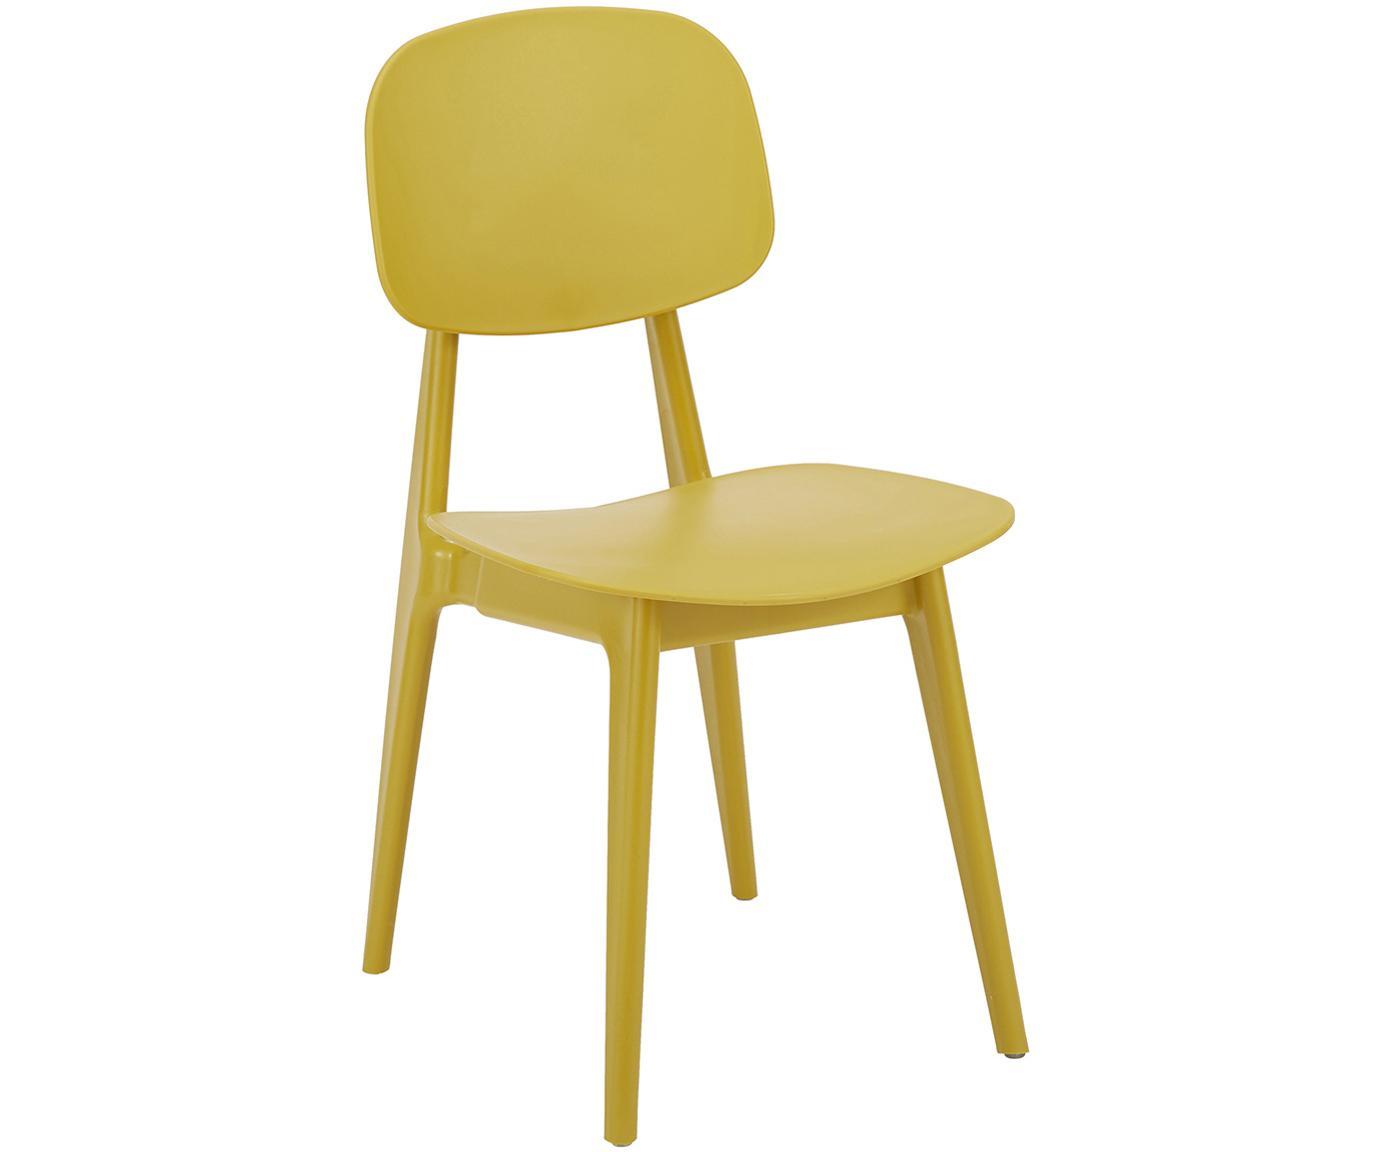 Kunststof stoelen Smilla, 2 stuks, Zitvlak: kunststof, Poten: gepoedercoat metaal, Mat geel, B 43 x D 49 cm